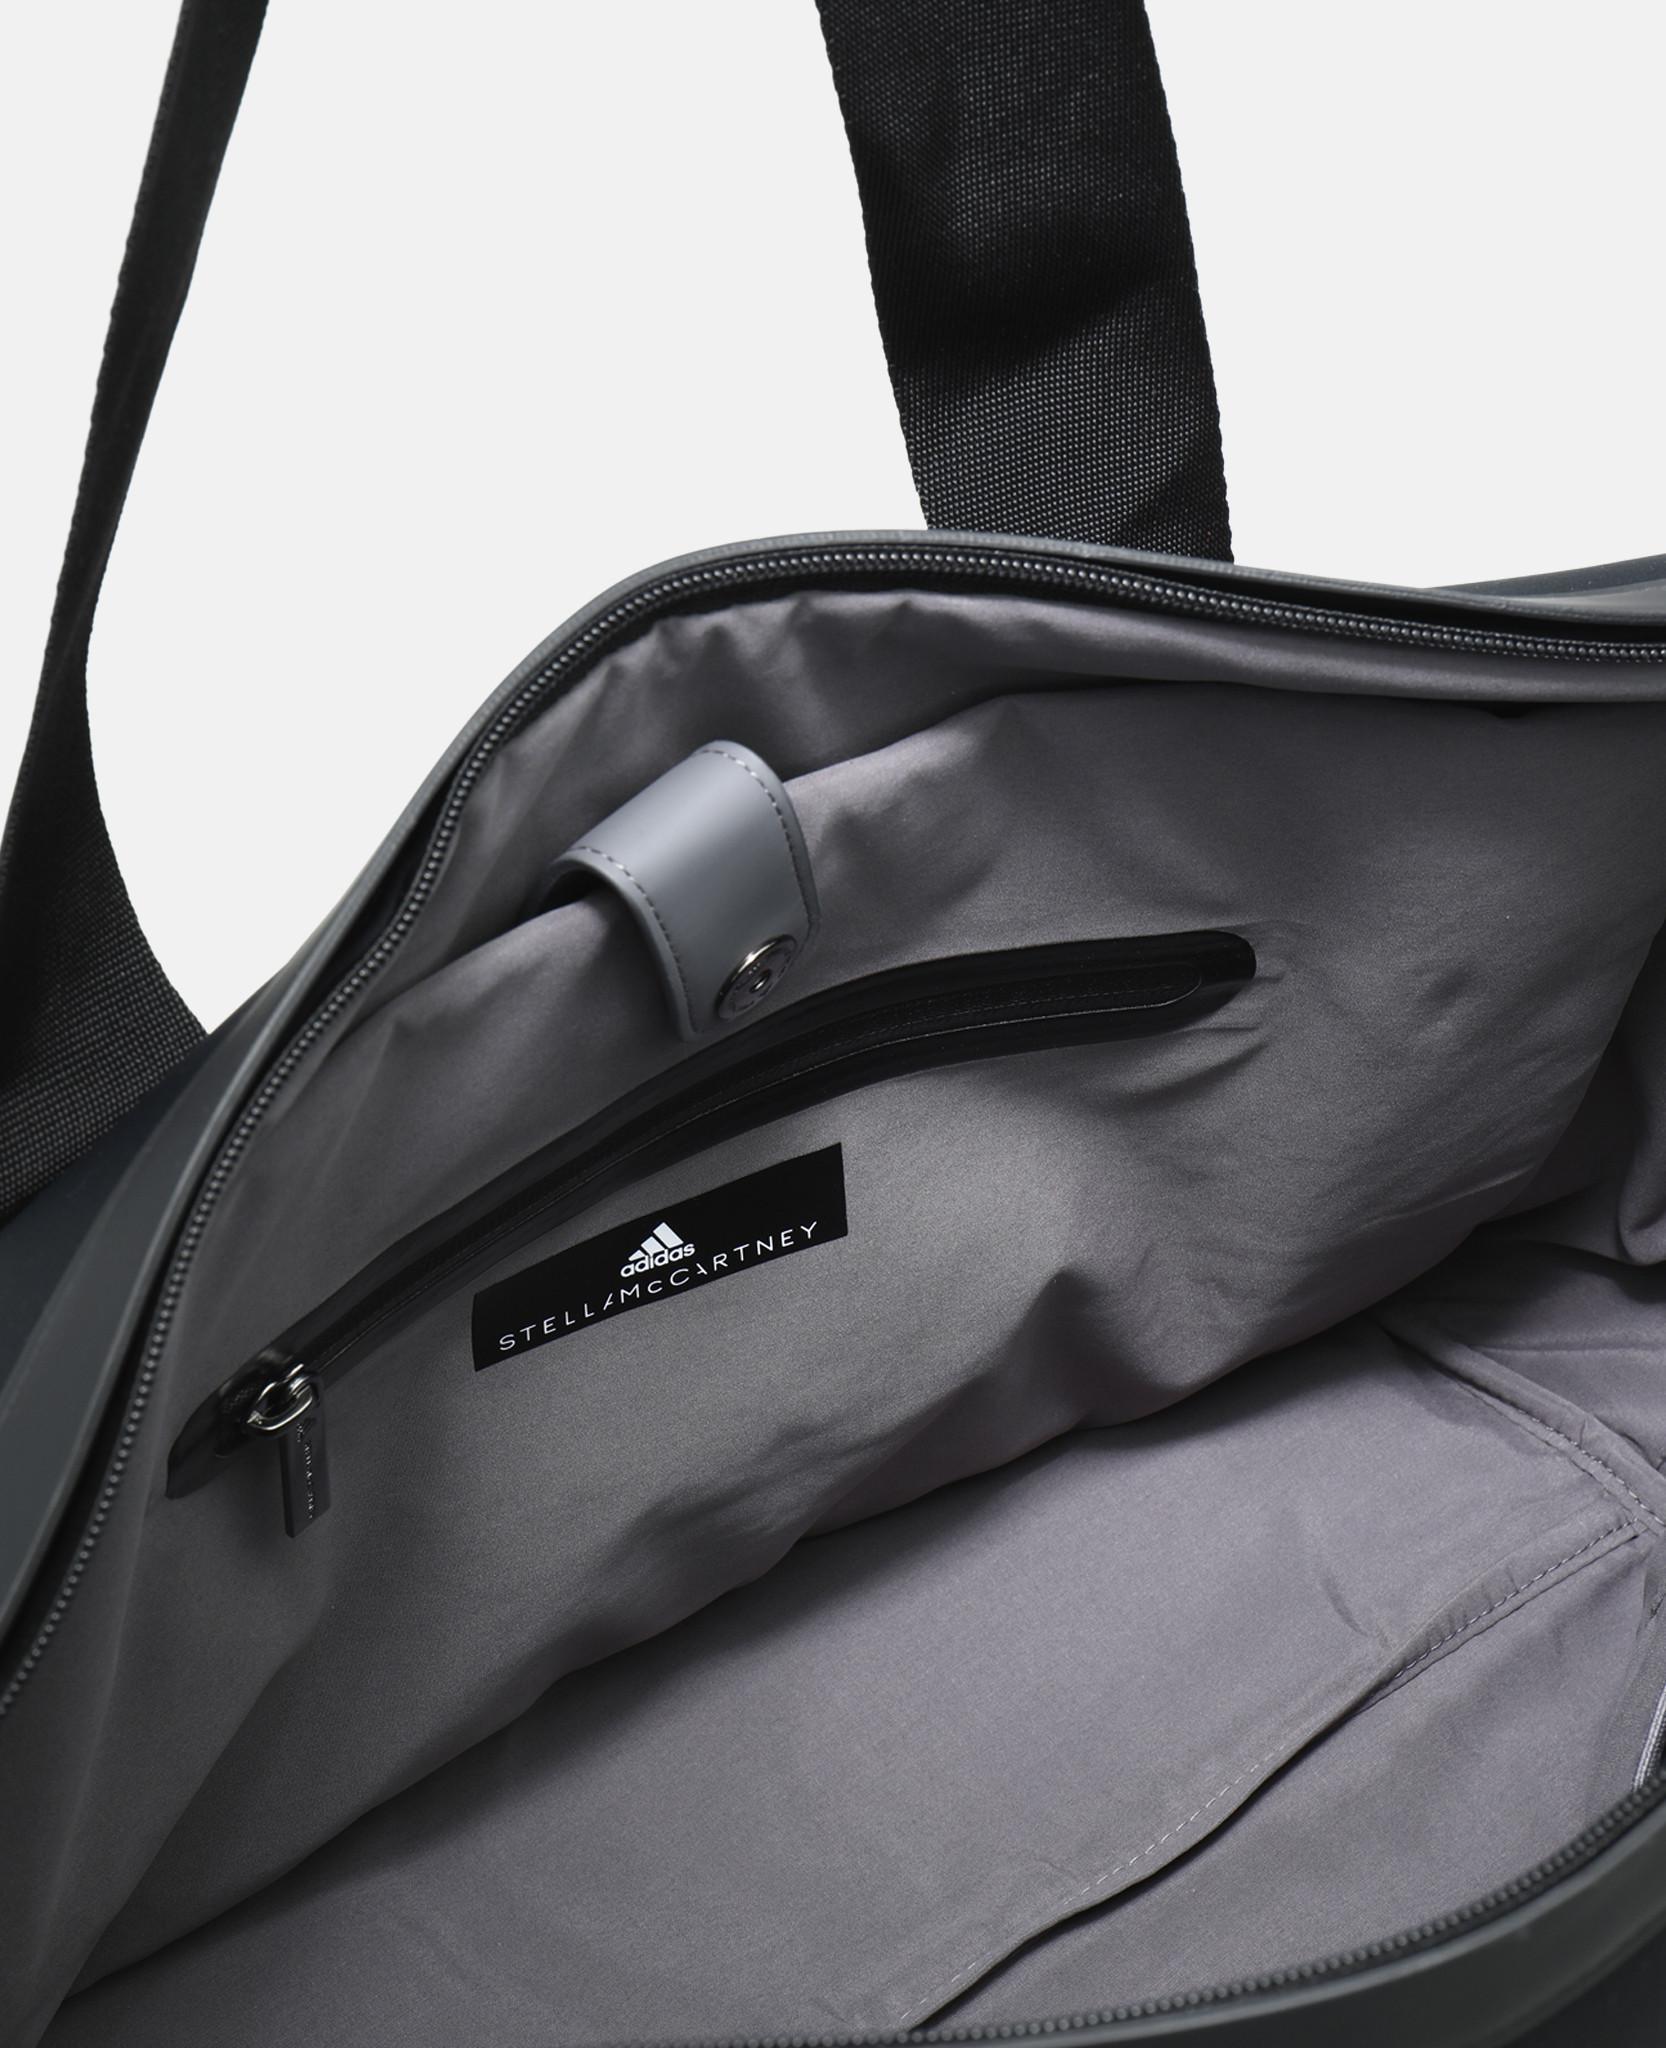 ea41752c74 Lyst - Adidas By Stella Mccartney Black Gym Bag in Black